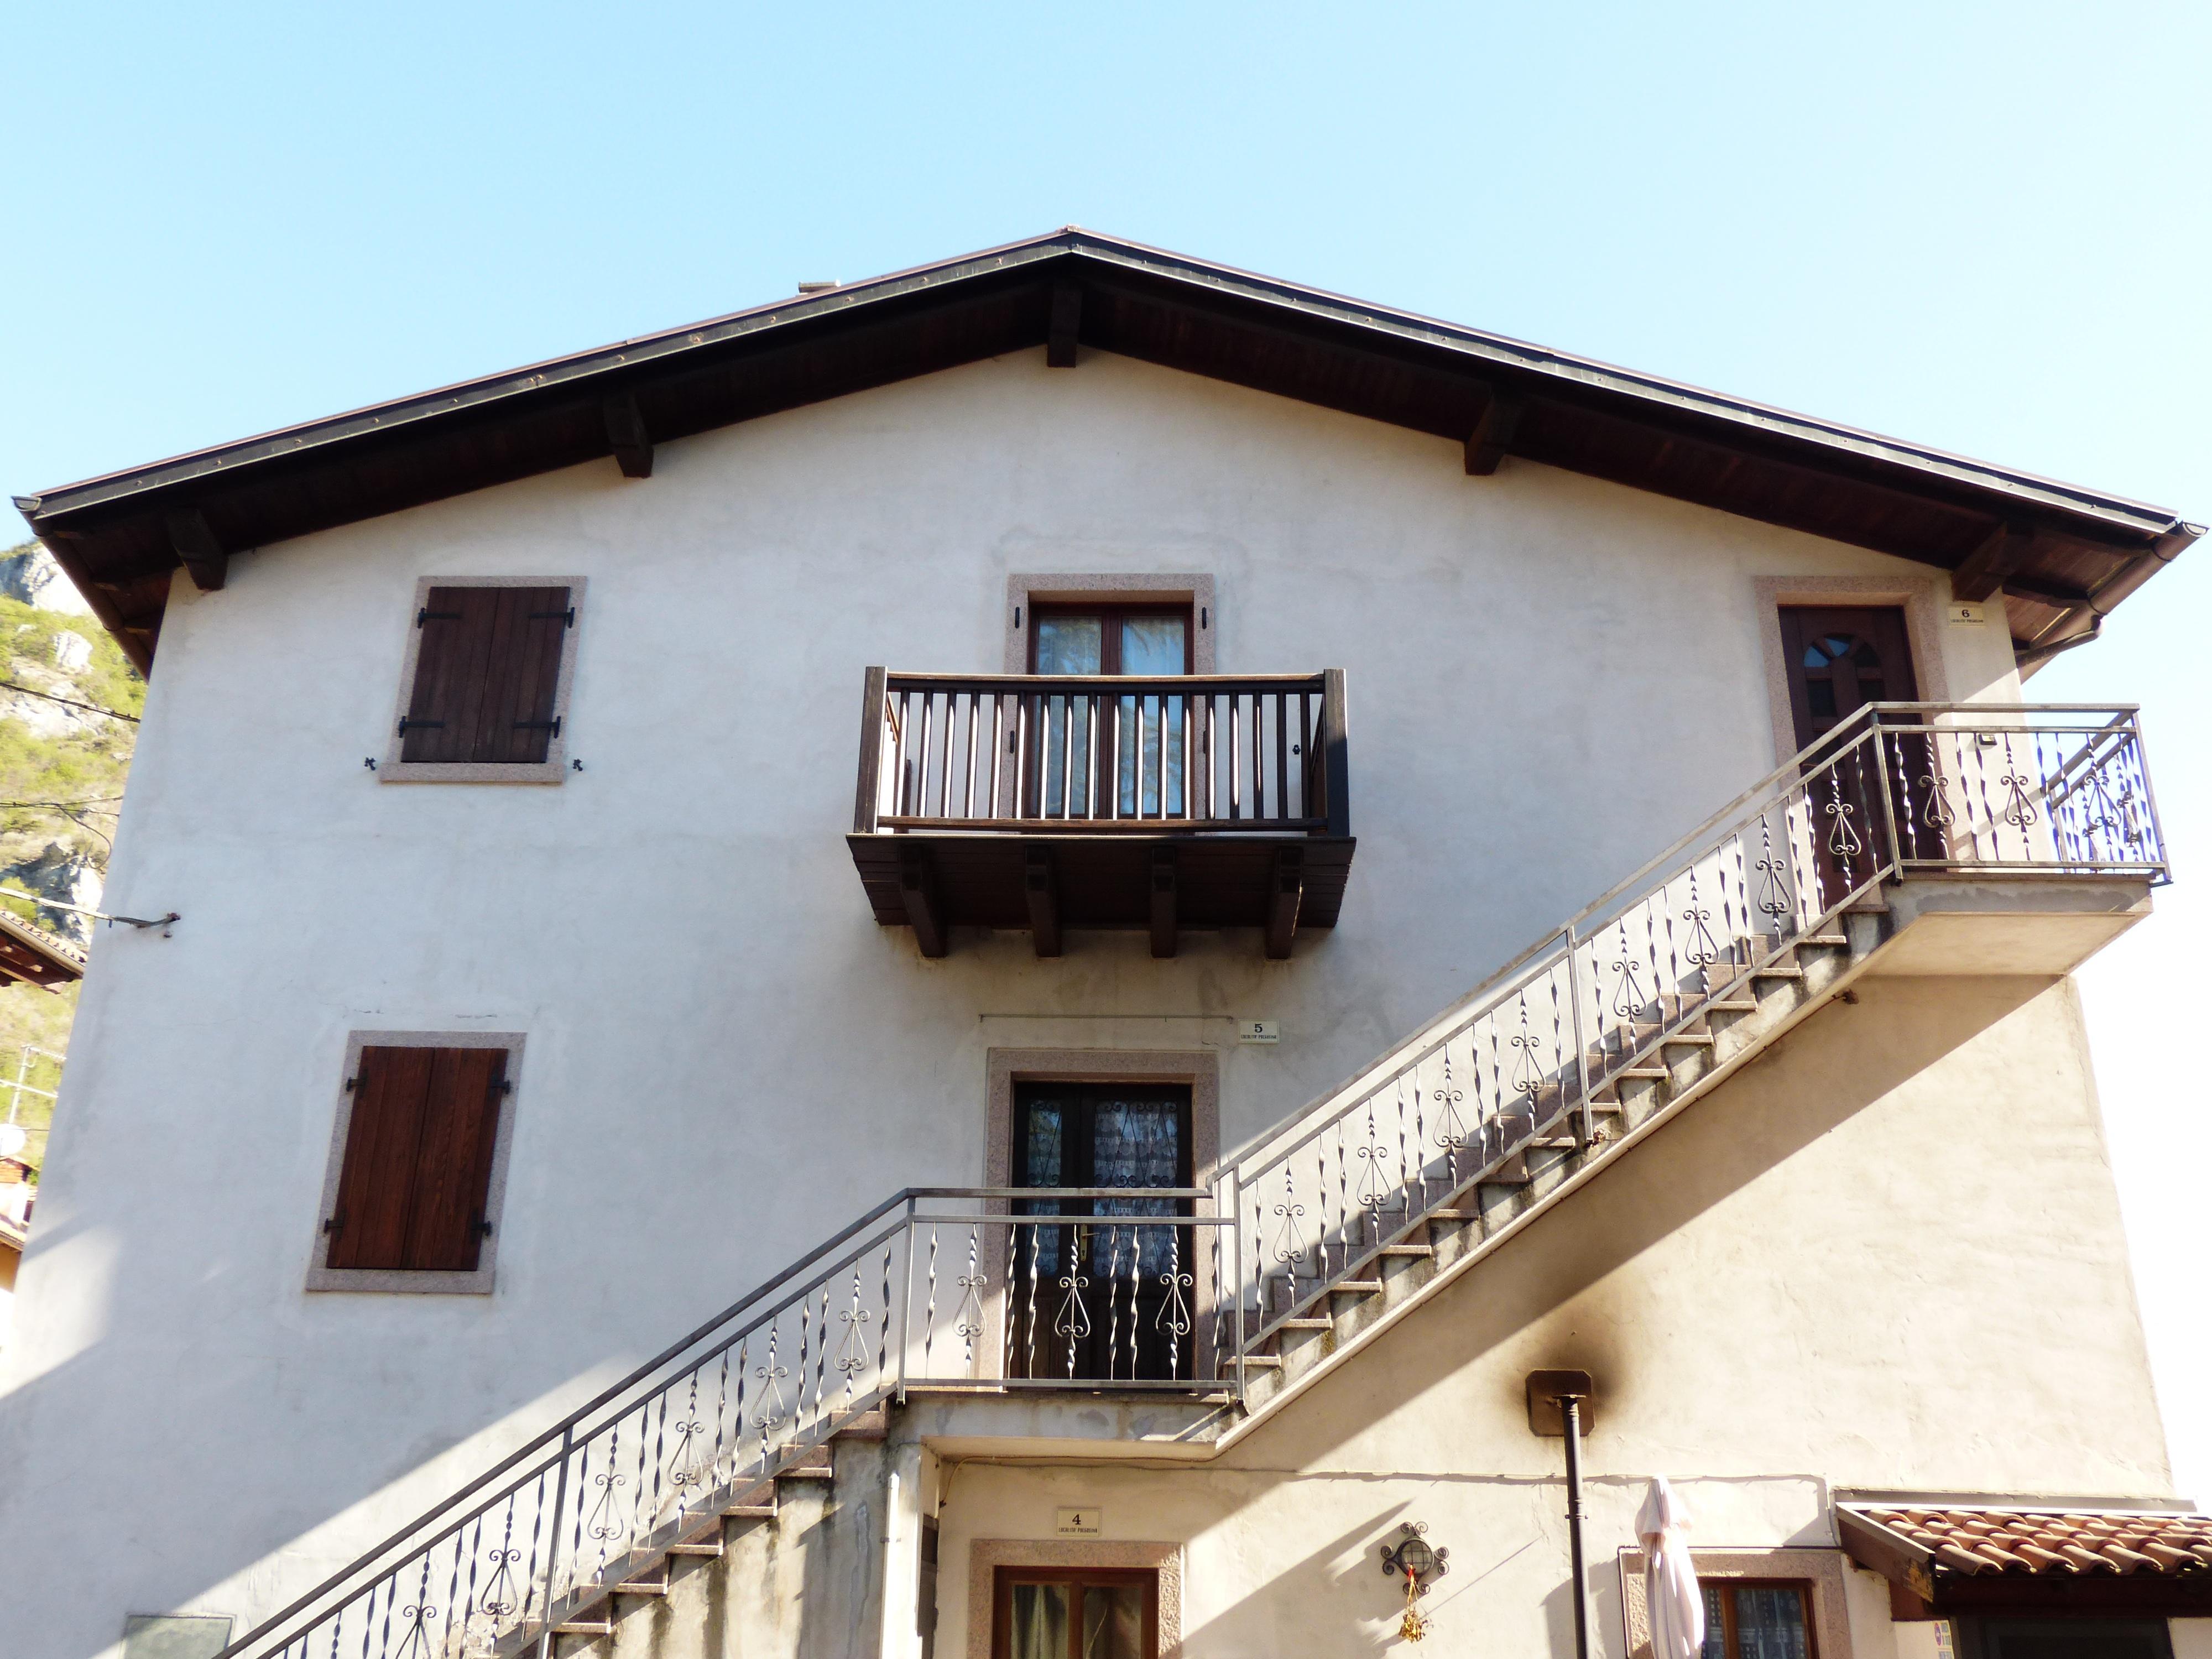 Gambar Arsitektur Vila Rumah Besar Jendela Atap Bangunan